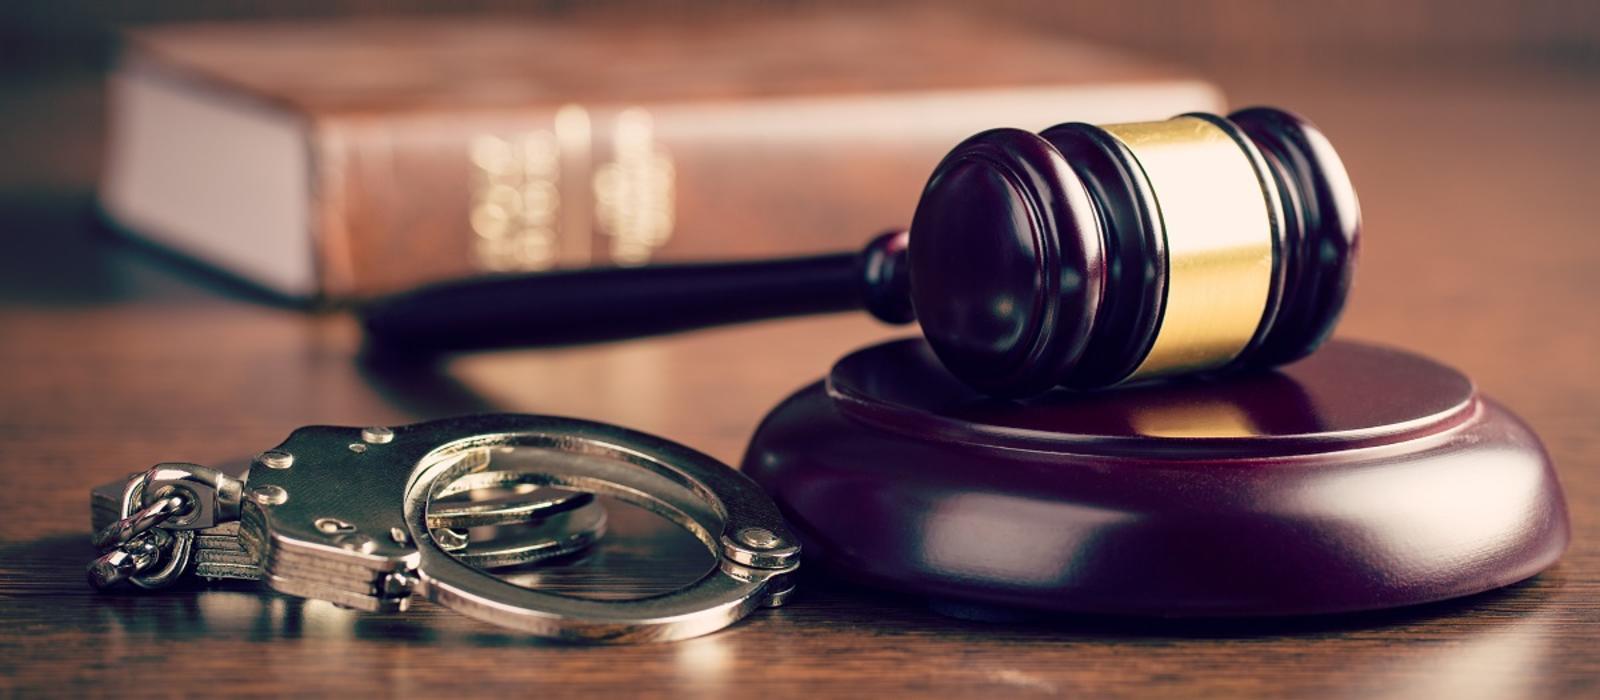 Ενημερωτικό Σεμινάριο: Νέος Ποινικός Κώδικας και Κώδικας Ποινικής Δικονομίας